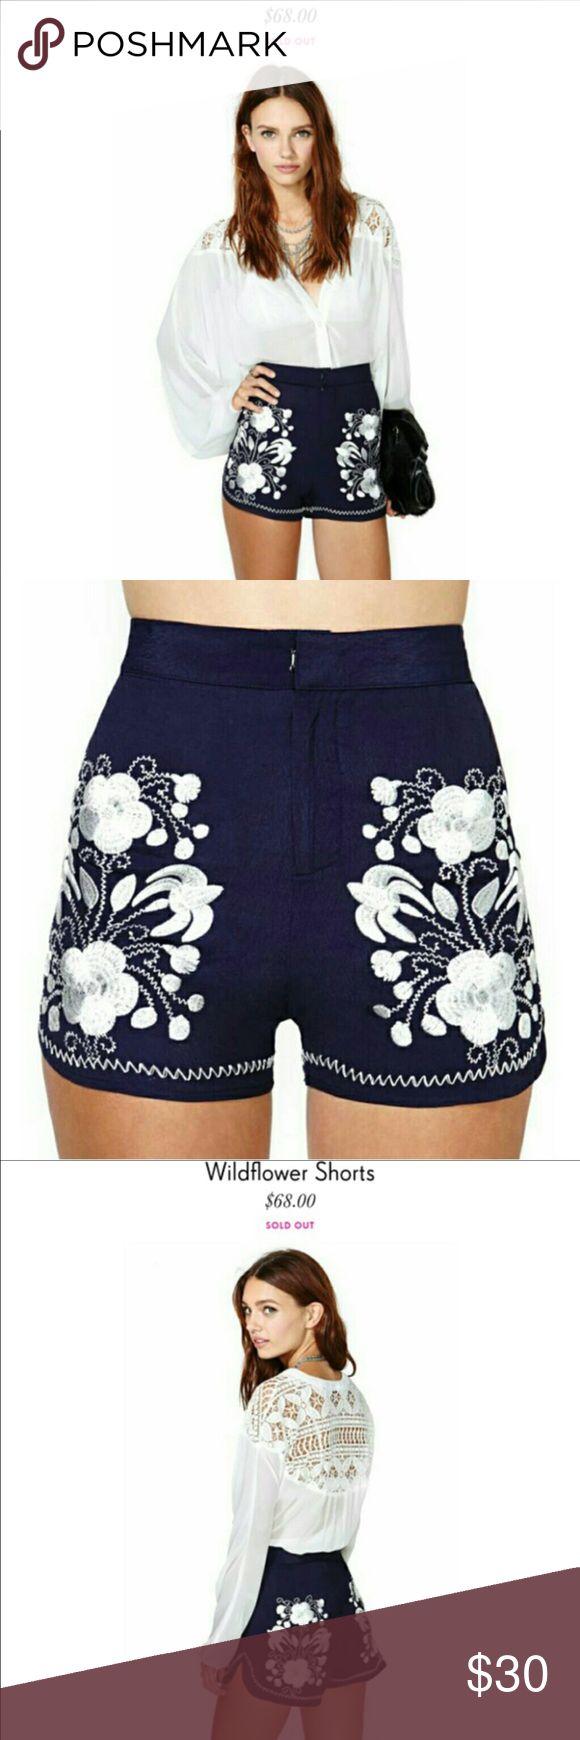 Nasty gal shorts. Like new navy & white embroidered Nast Gal shorts. Only worn once. Nasty Gal Shorts